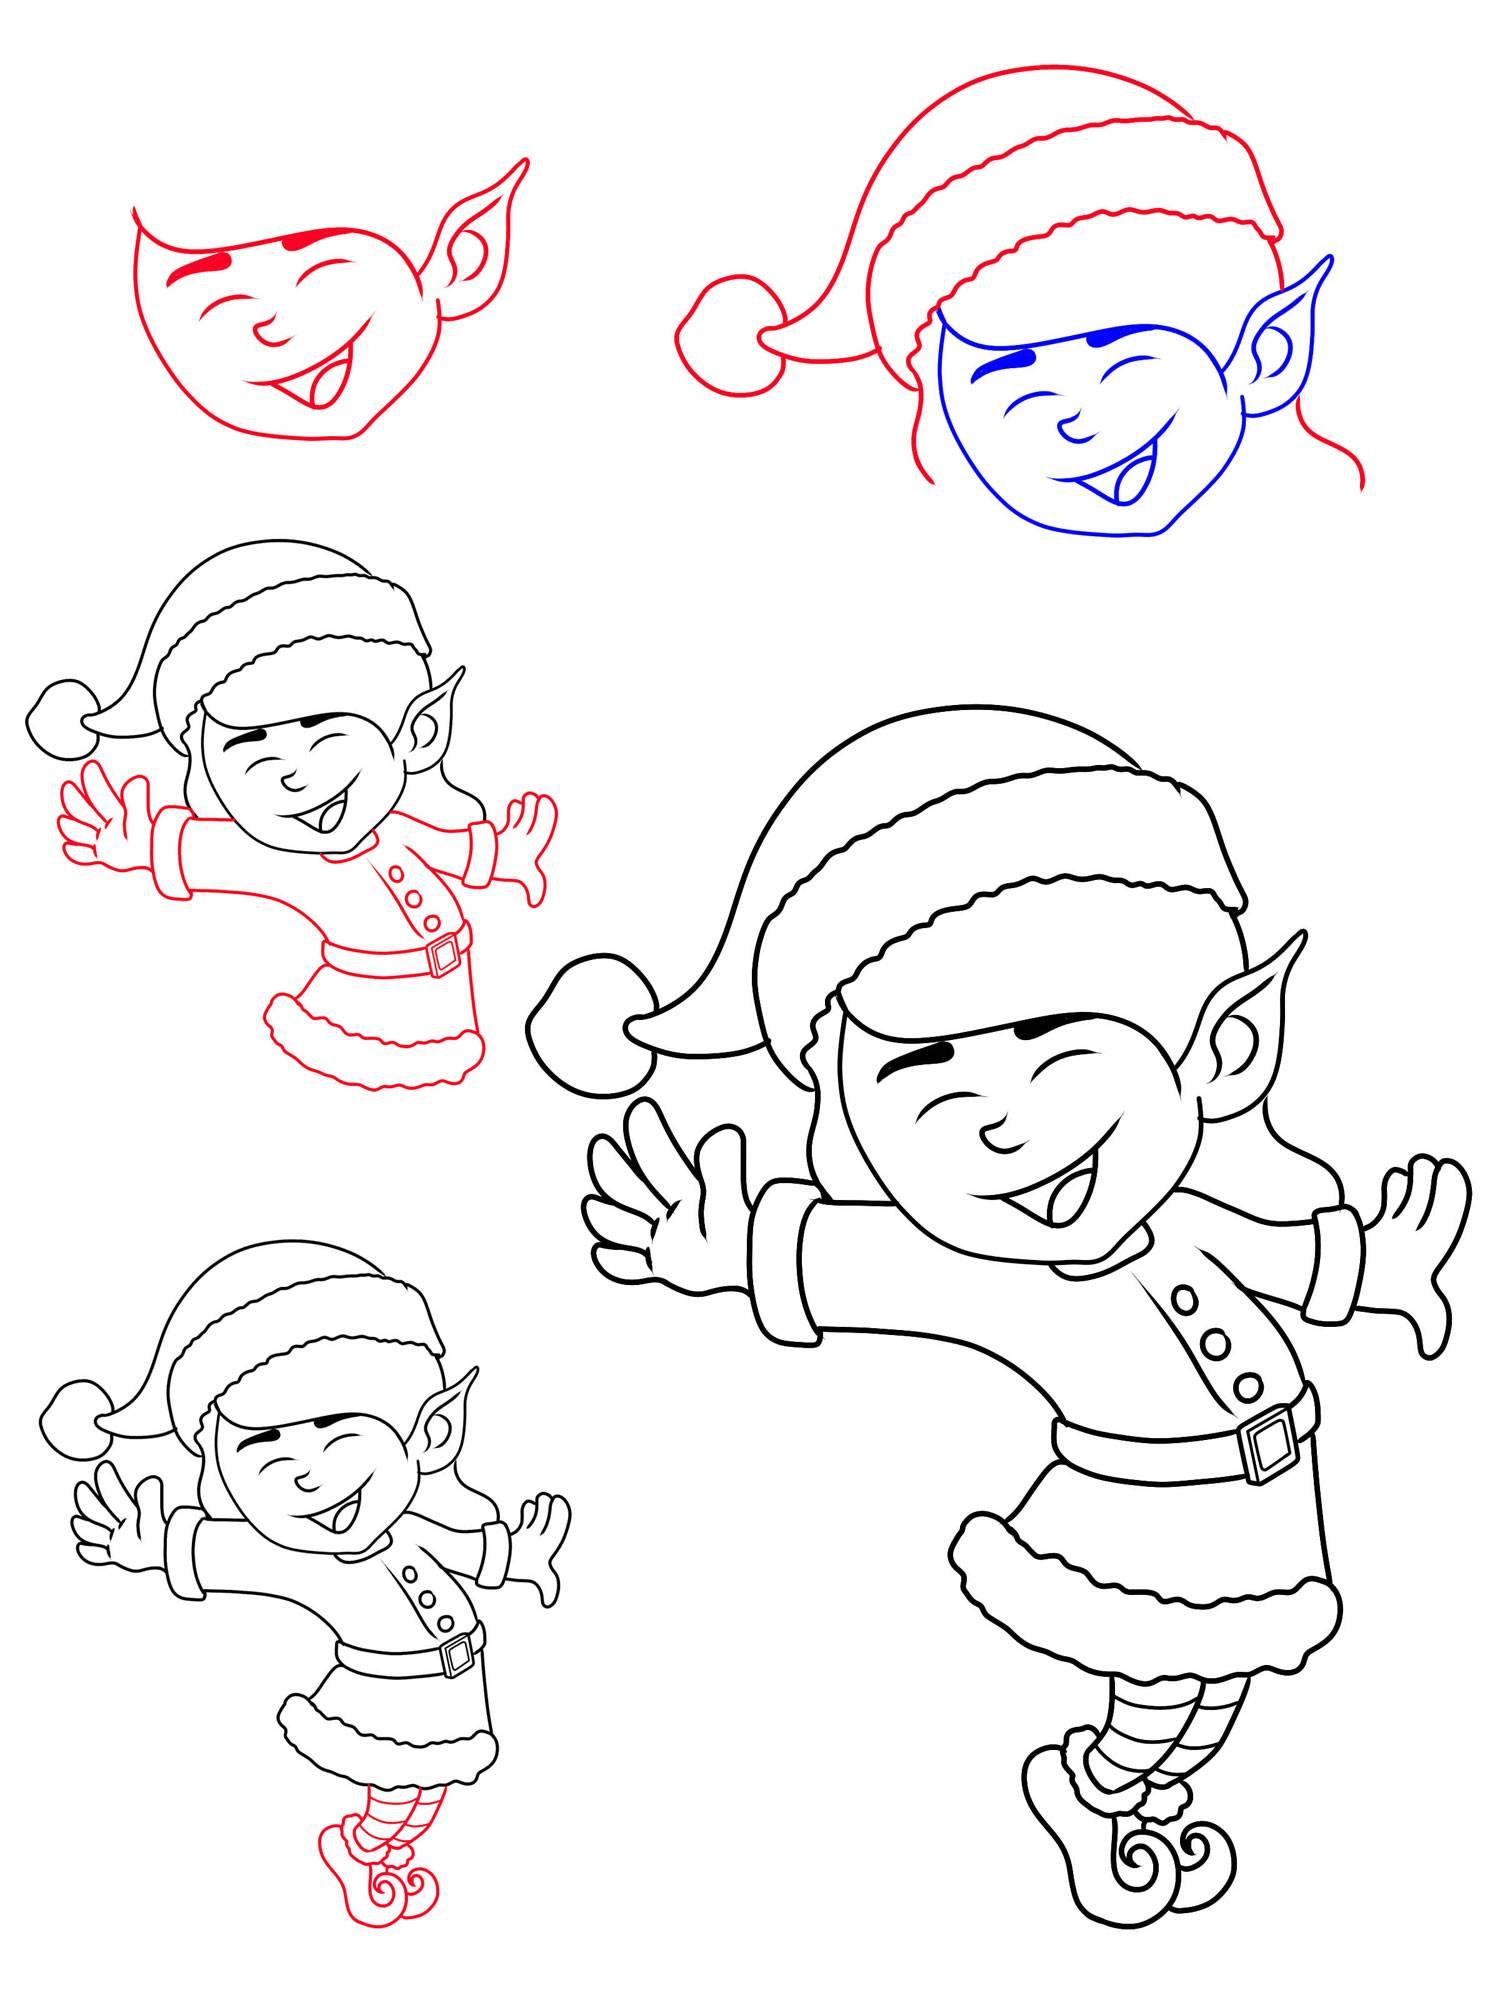 Ausmalbild Weihnachten Wie malt man einen Weihnachtself kostenlos ausdrucken